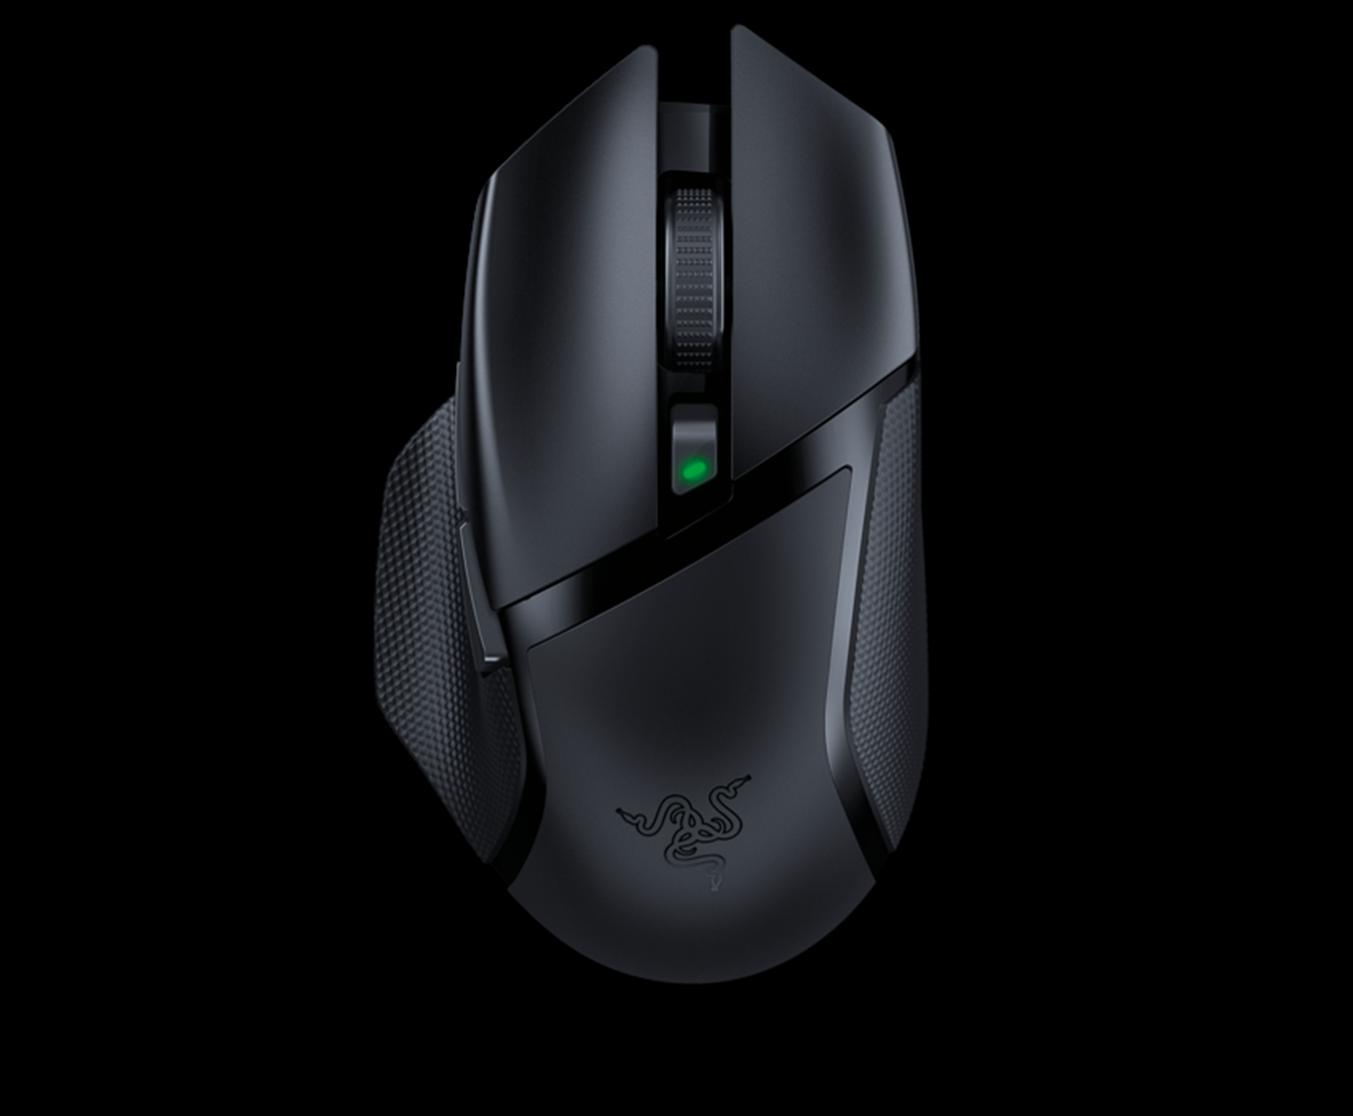 Image of Razer Basilisk X HyperSpeed Wireless Ergonomic Gaming Mouse